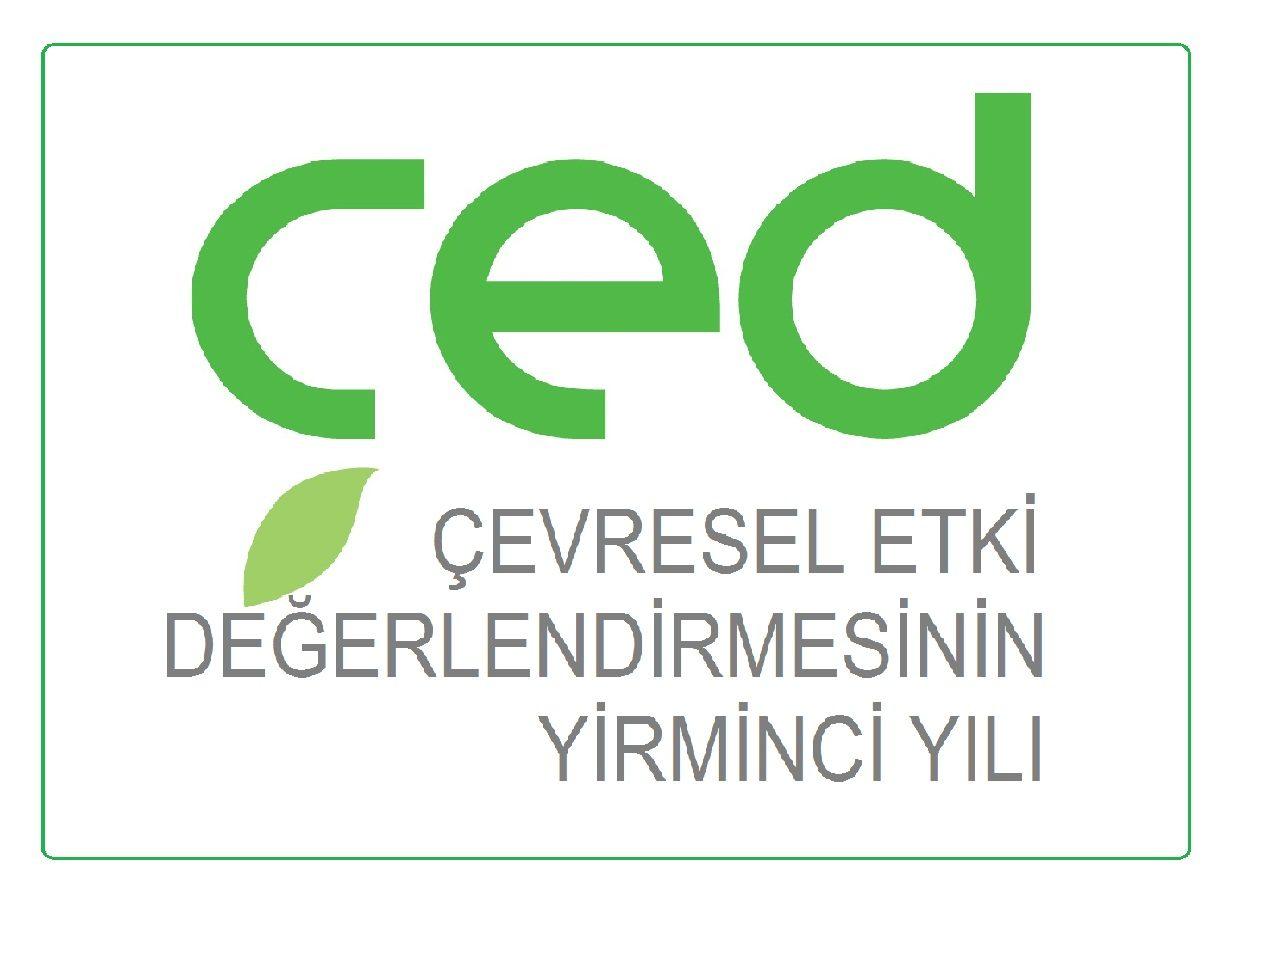 ced-kapsamdisi-belgesi-1280x972.jpg